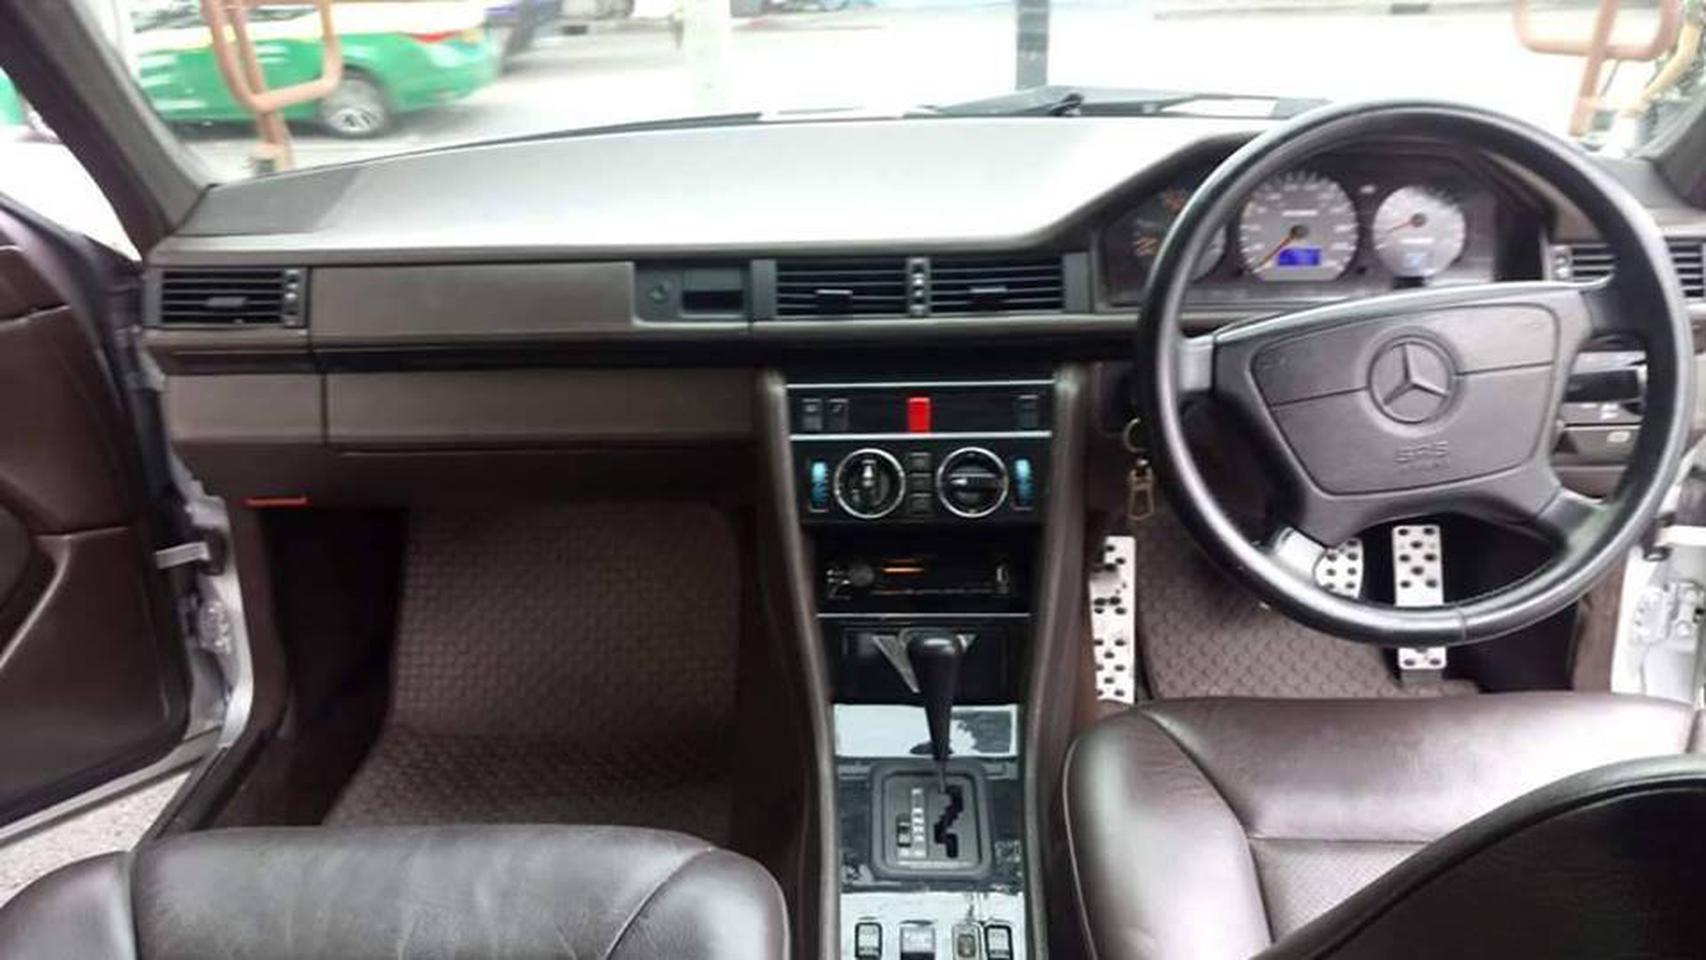 ขายรถเก๋ง Mercedez Benz W124 เขตบางเขน กรุงเทพ รูปที่ 3